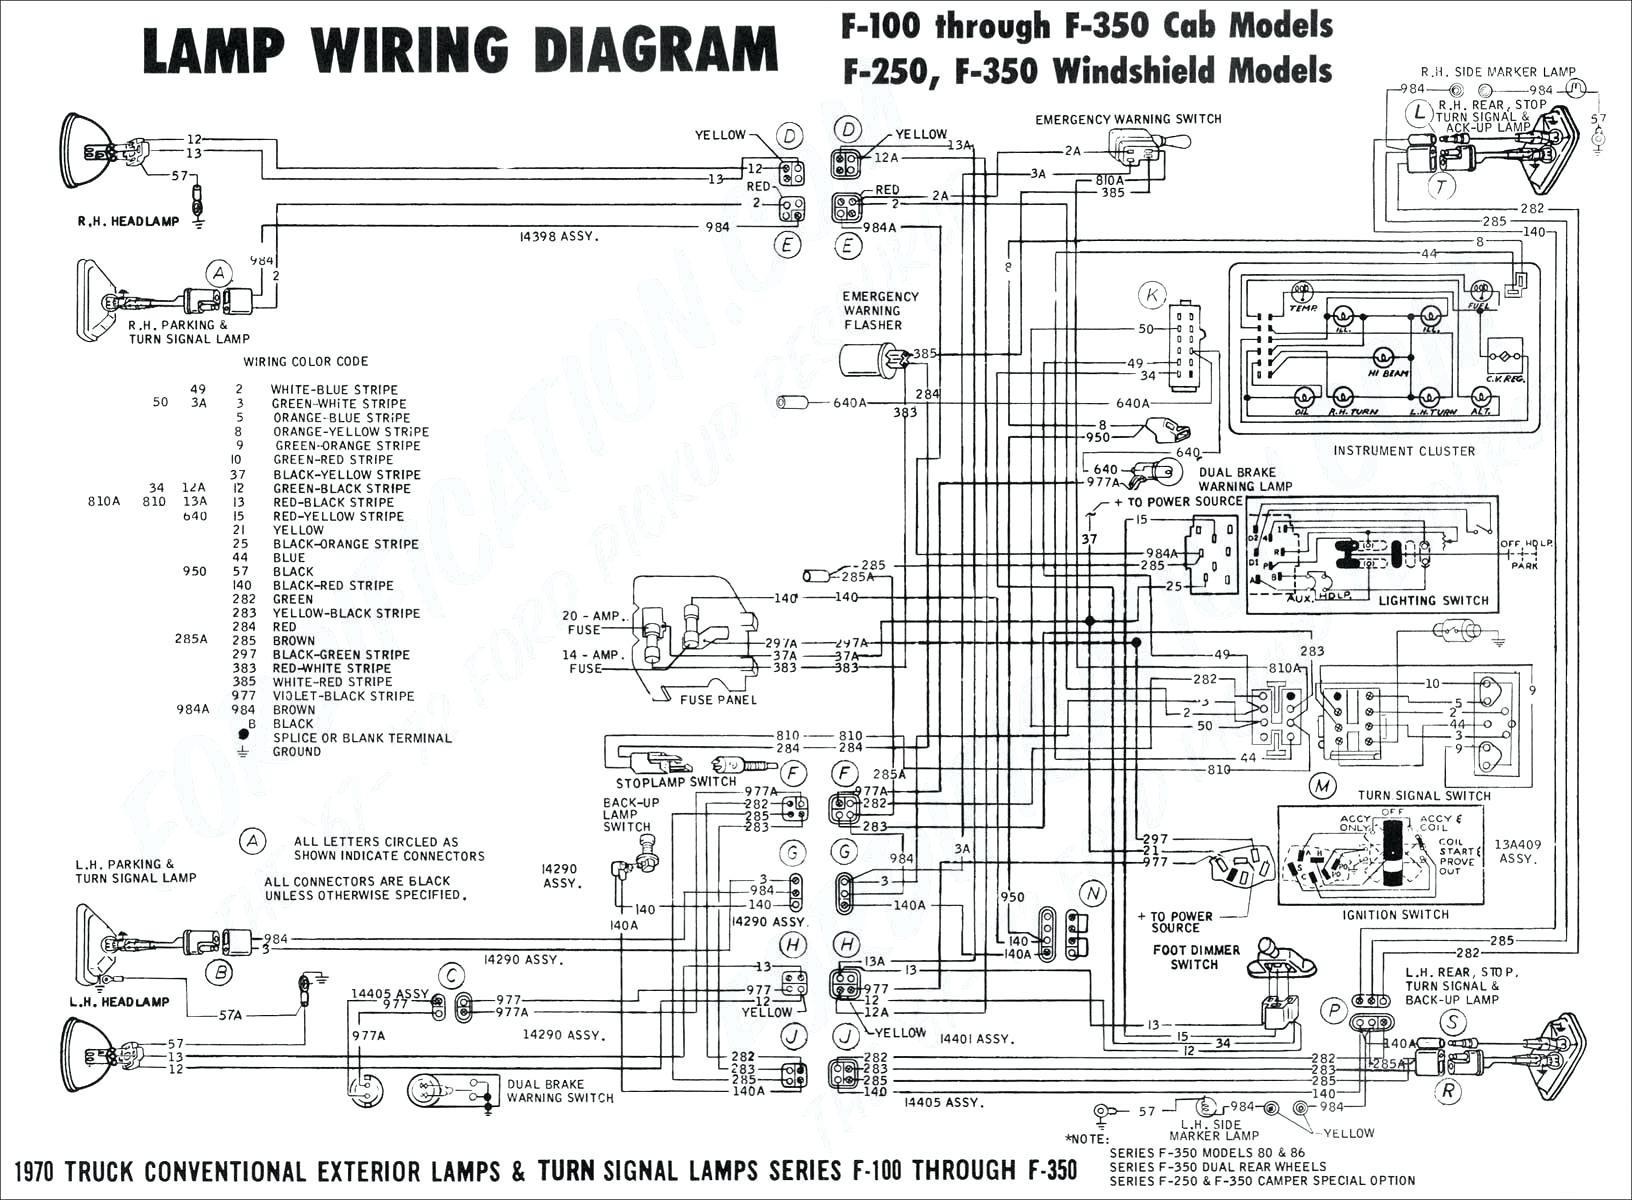 3 Phase Wiring Diagram Wiring Diagram Motor 3 Phase – Eugrab Of 3 Phase Wiring Diagram Wiring Diagram Three Phase Generator Best 3 Phase Wiring Diagram